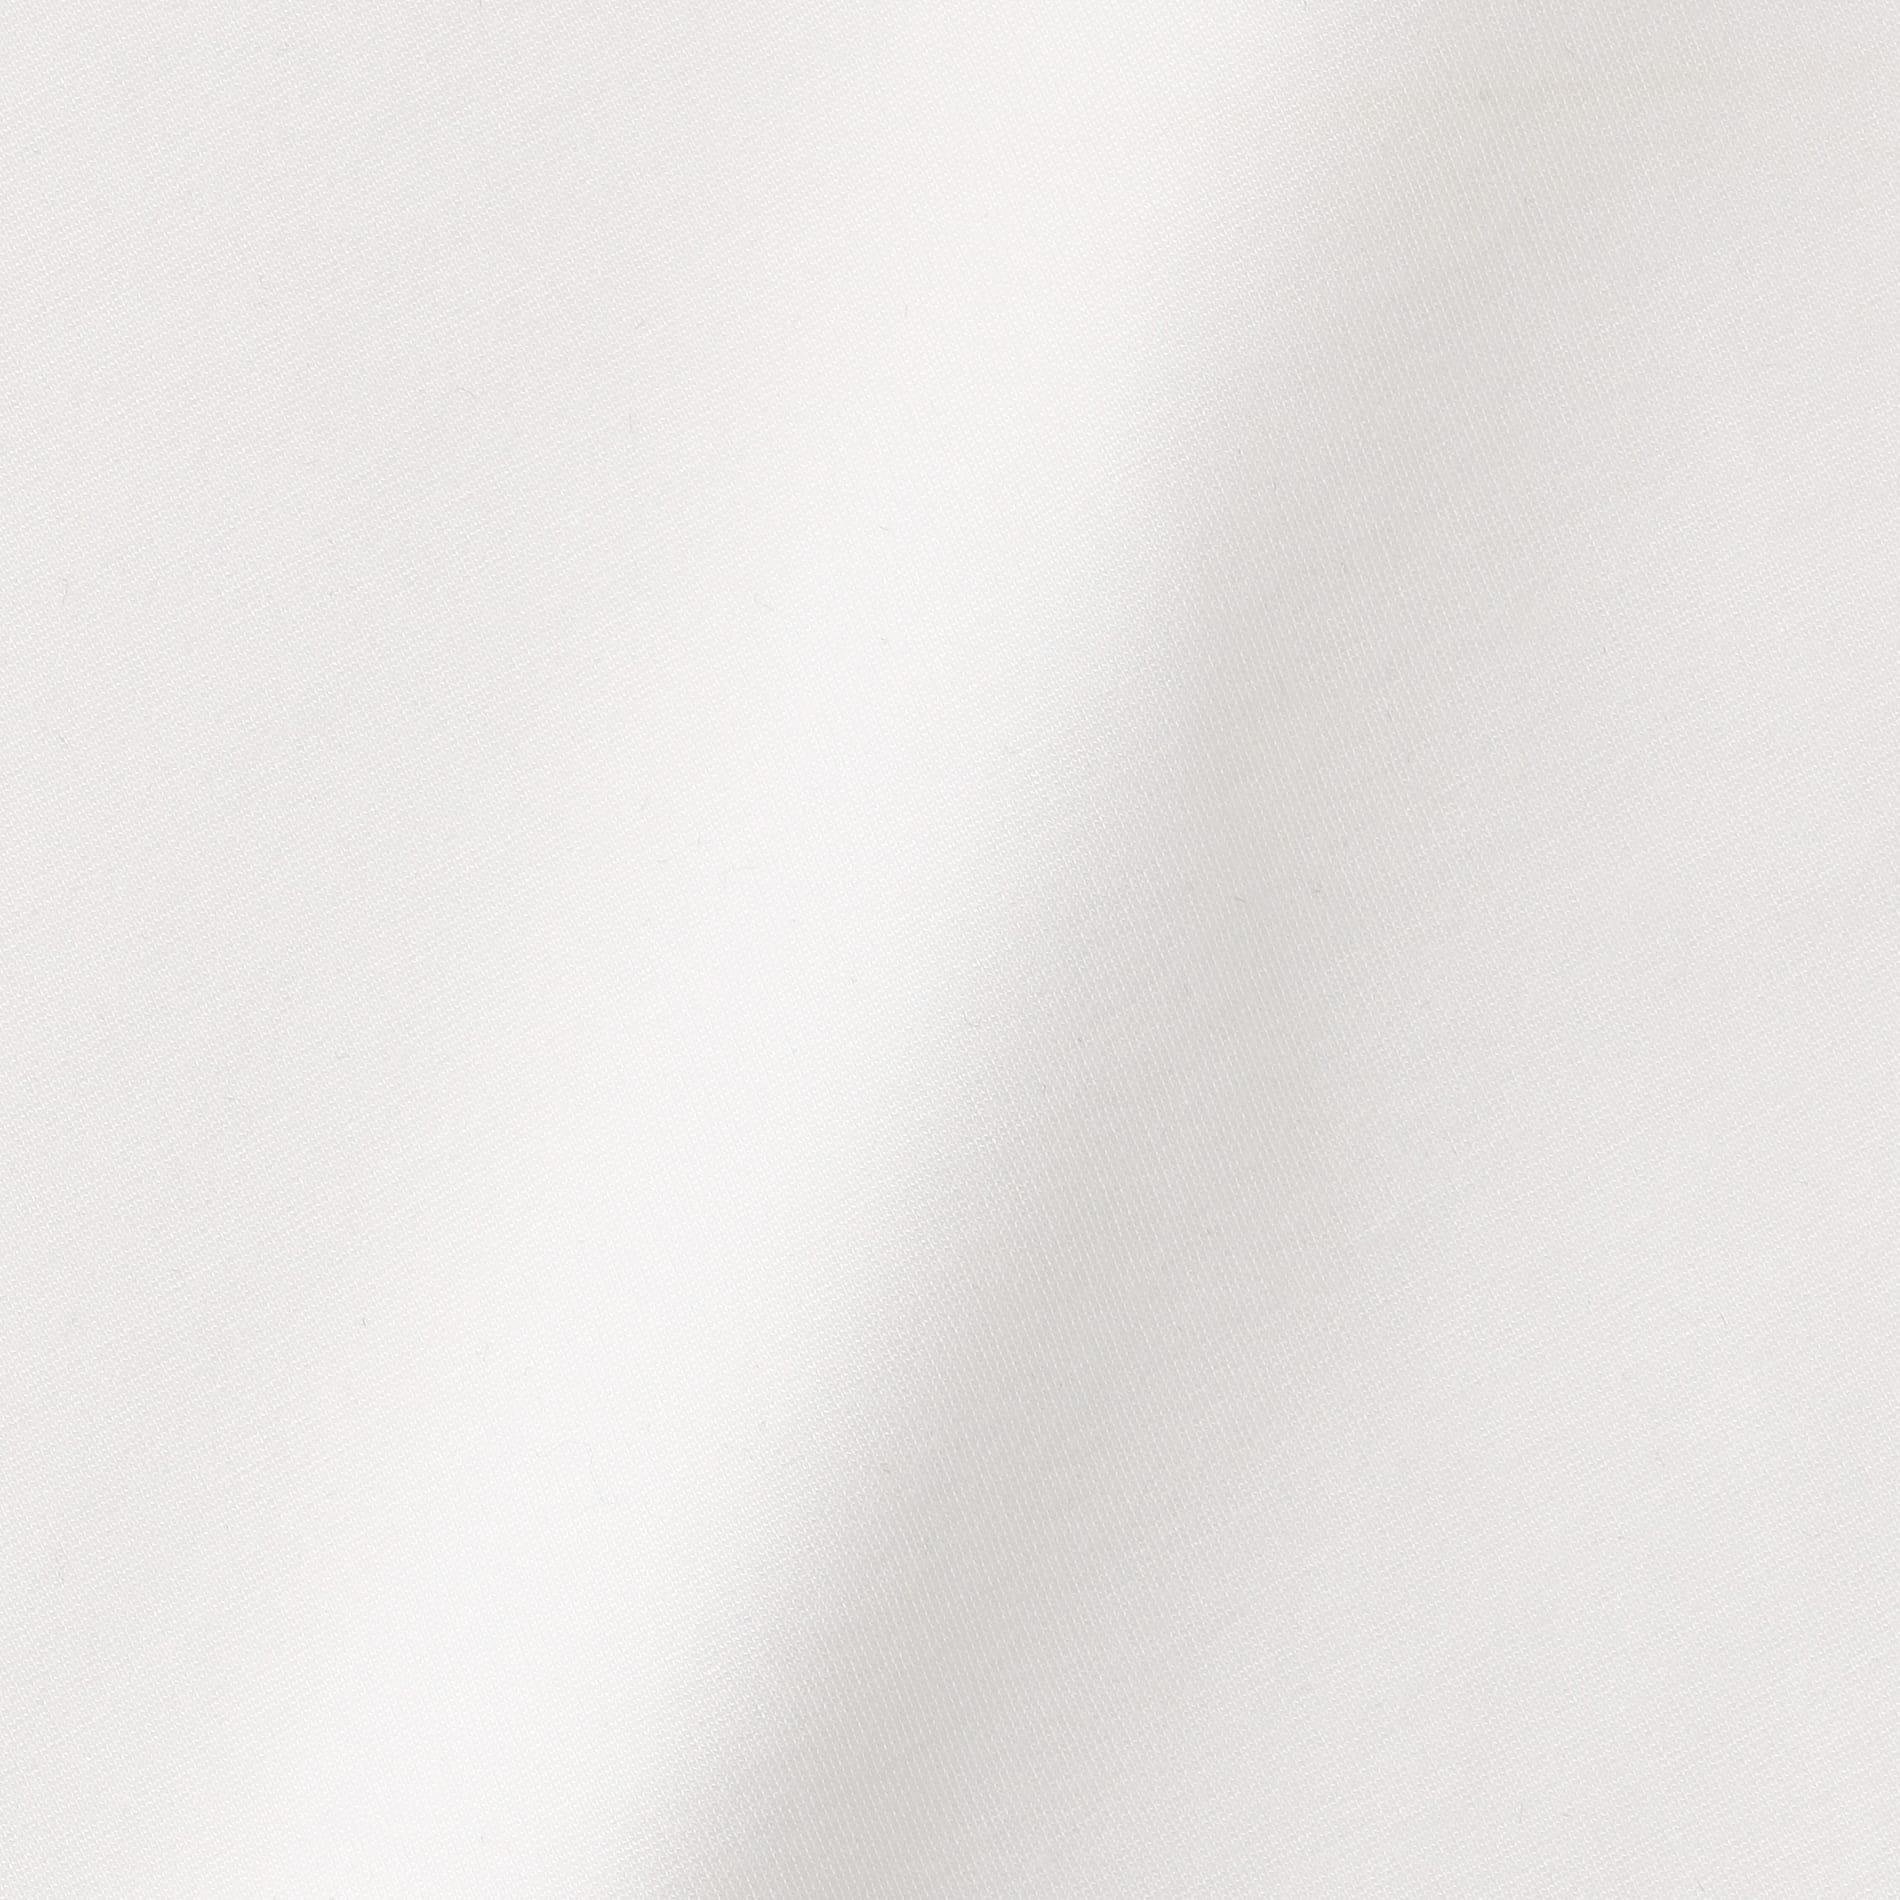 【MELITTA BAUMEISTER】WOMEN OPEN SHOULDER TEE MB-09-FW20